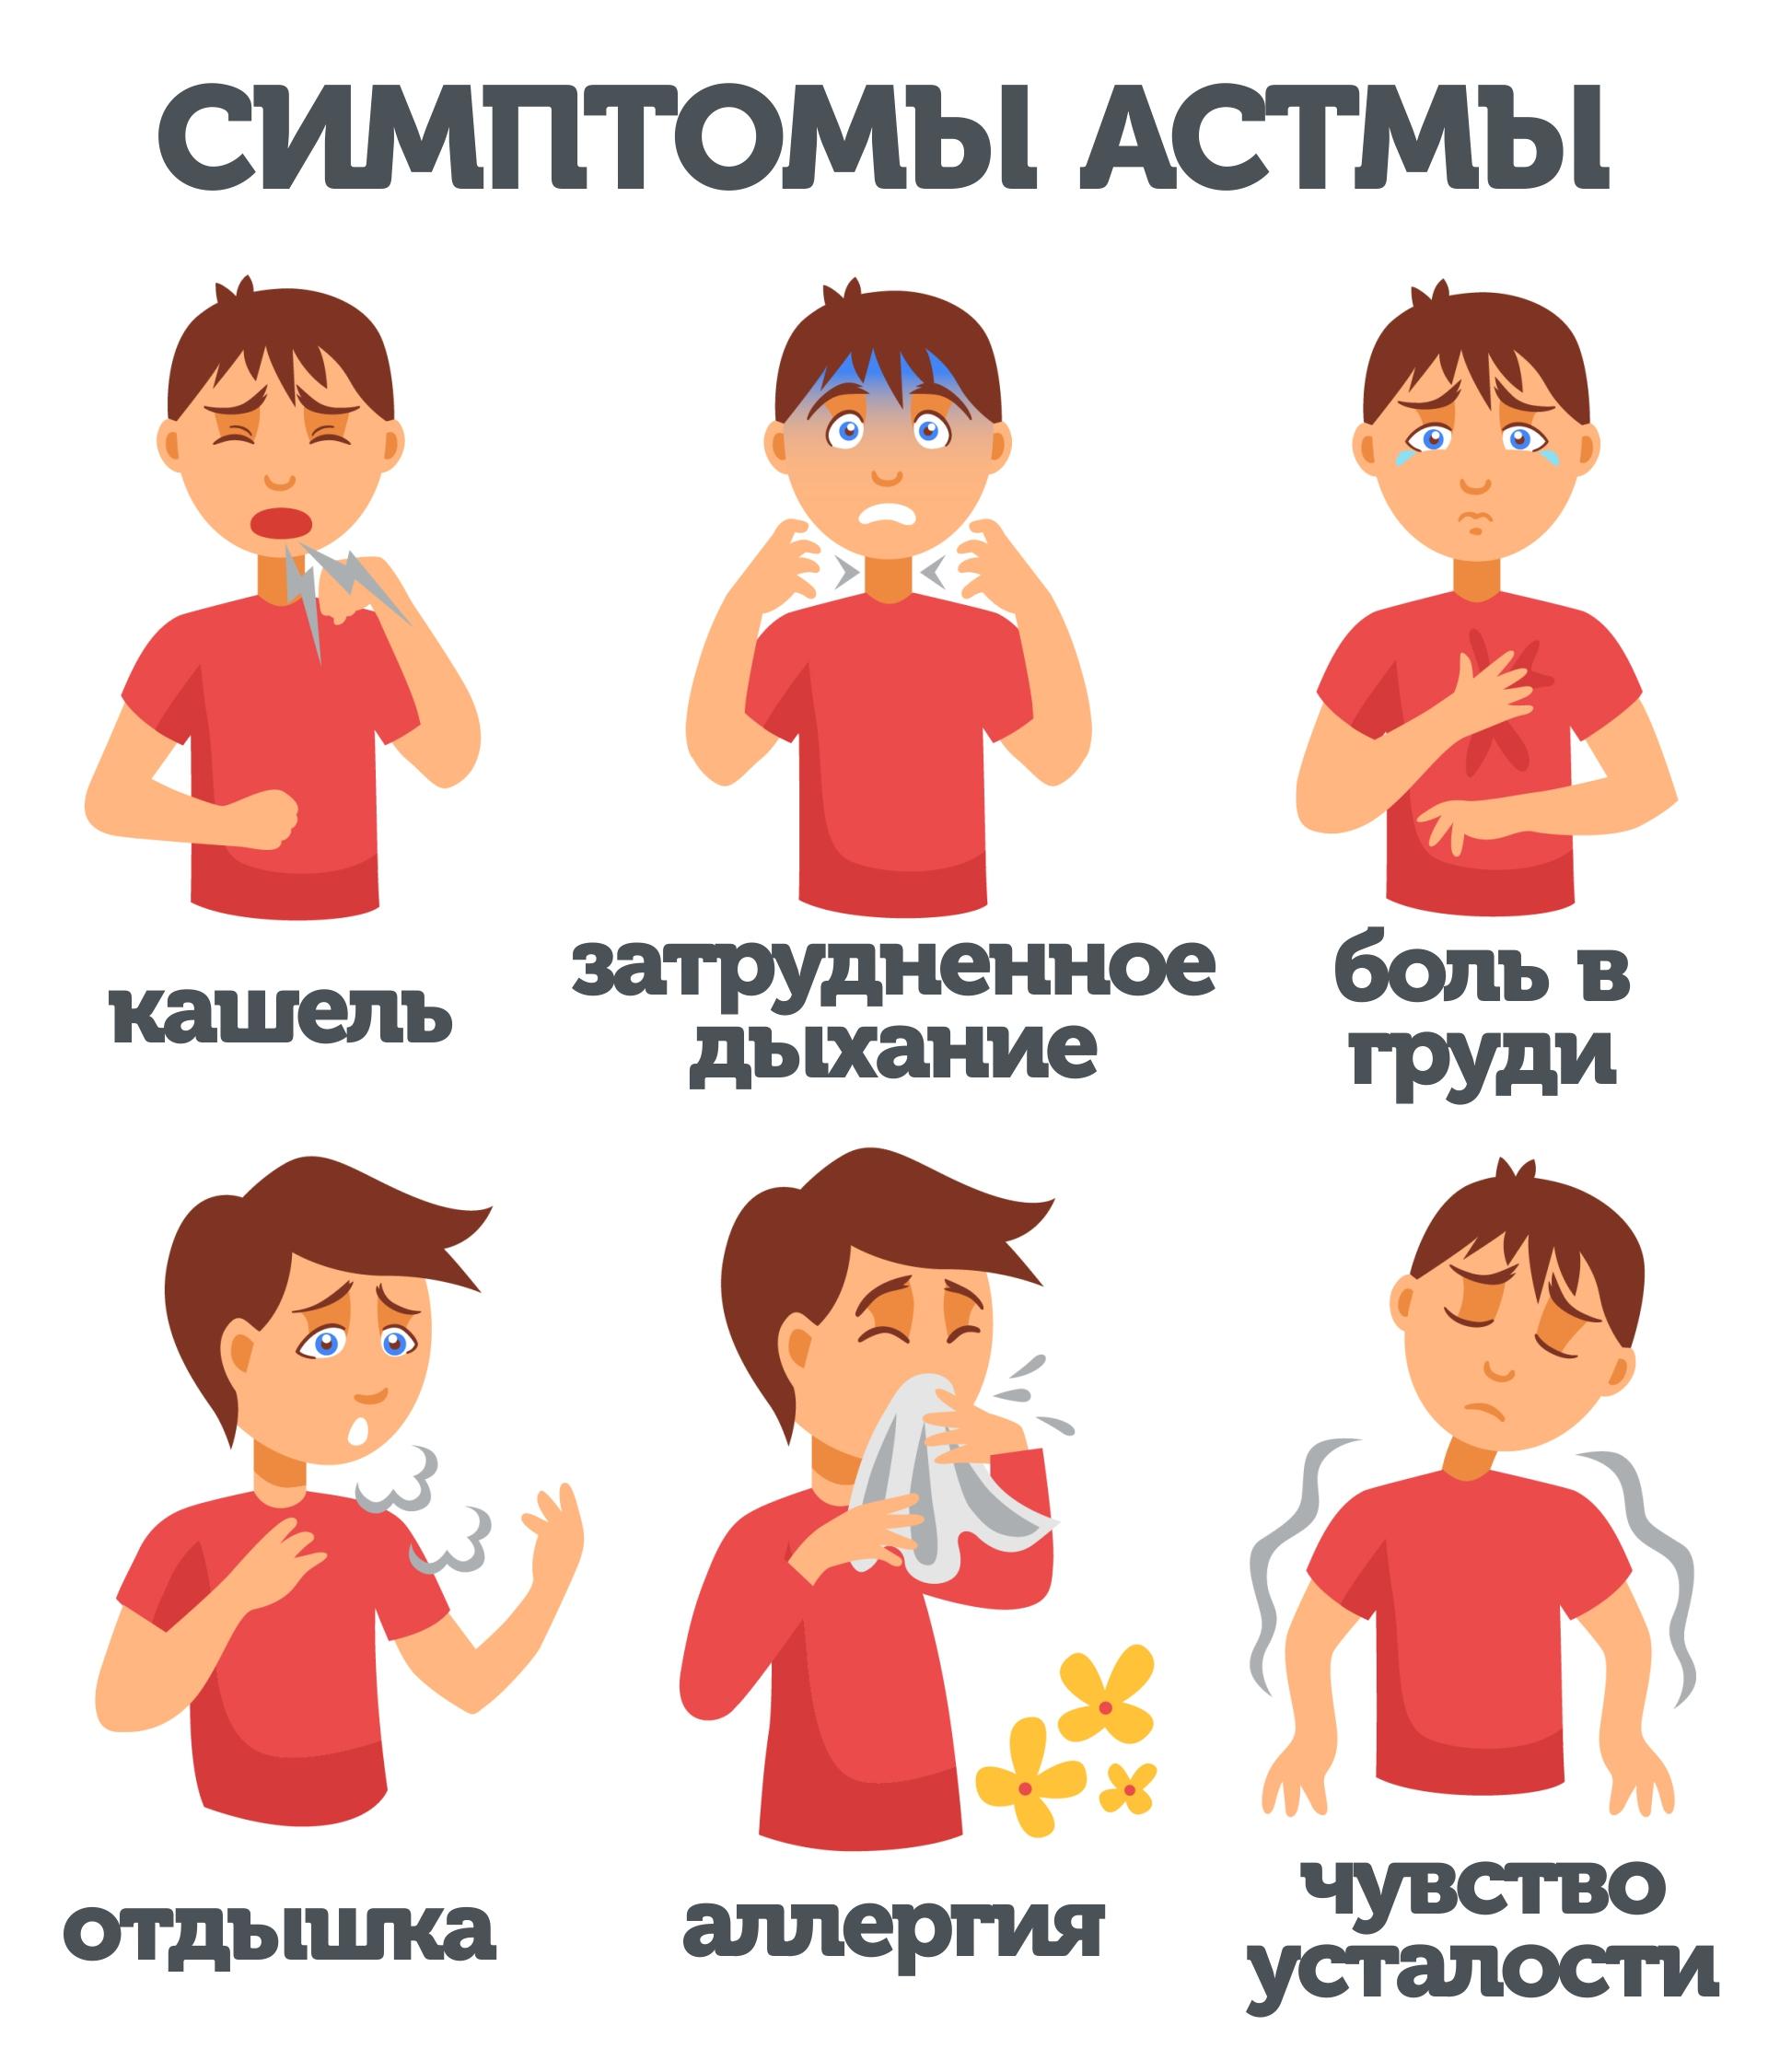 Бронхиальная астма у детей: виды, причины, симптомы, лечение, профилактика приступов